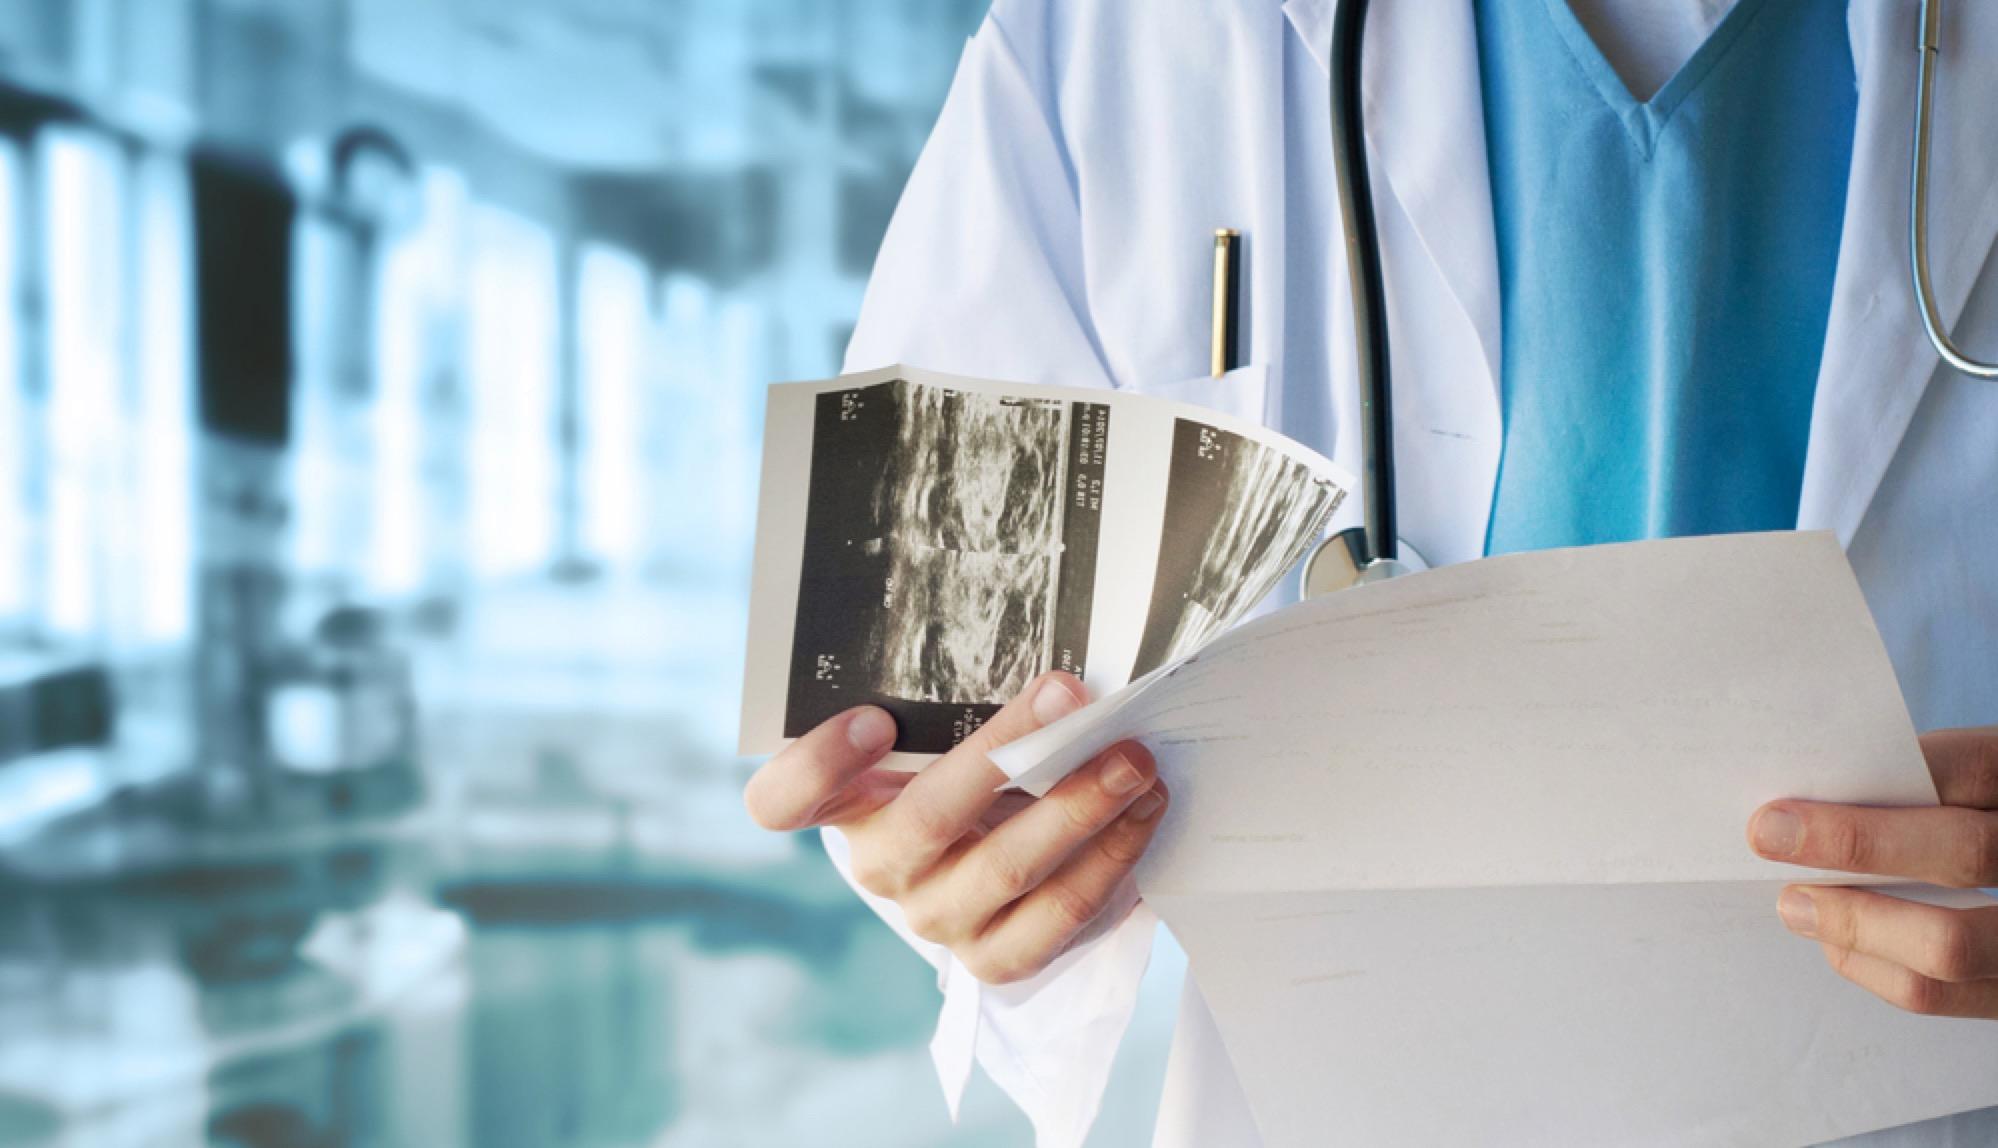 Ο υγιεινός τρόπος ζωής μπορεί να μειώσει έως και 50% τους θανάτους από καρκίνο